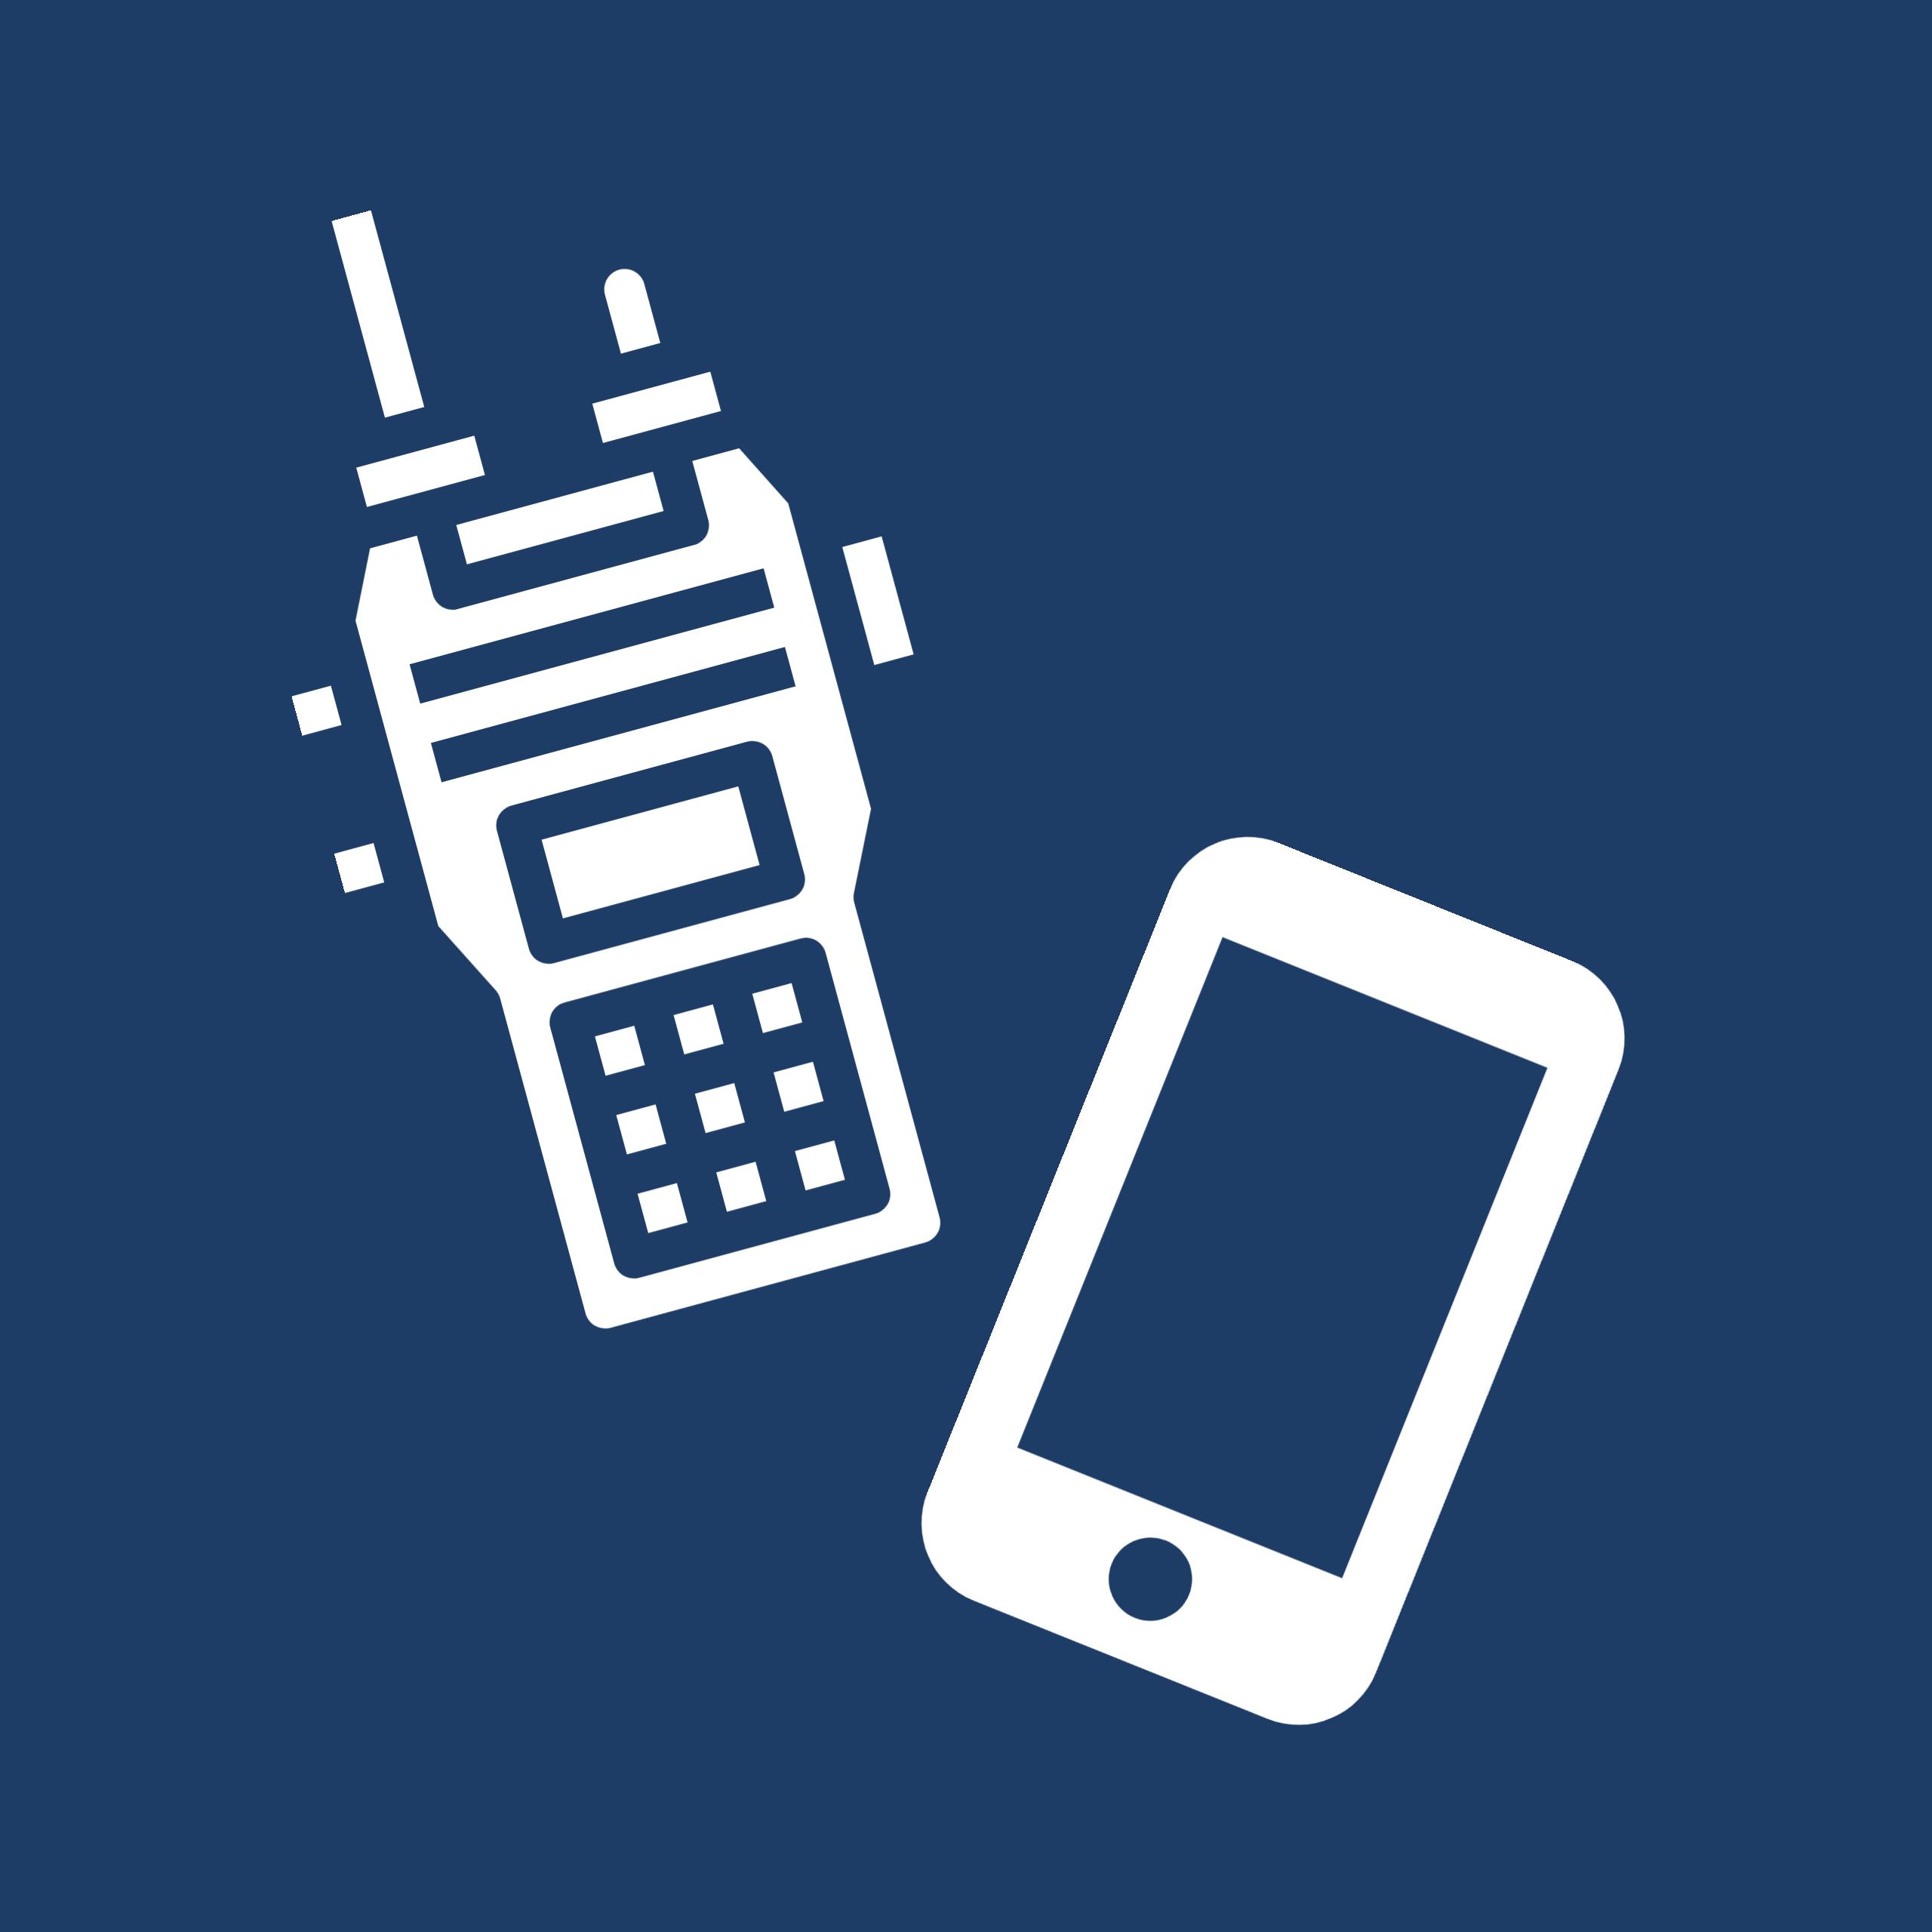 radio and phone 1 3